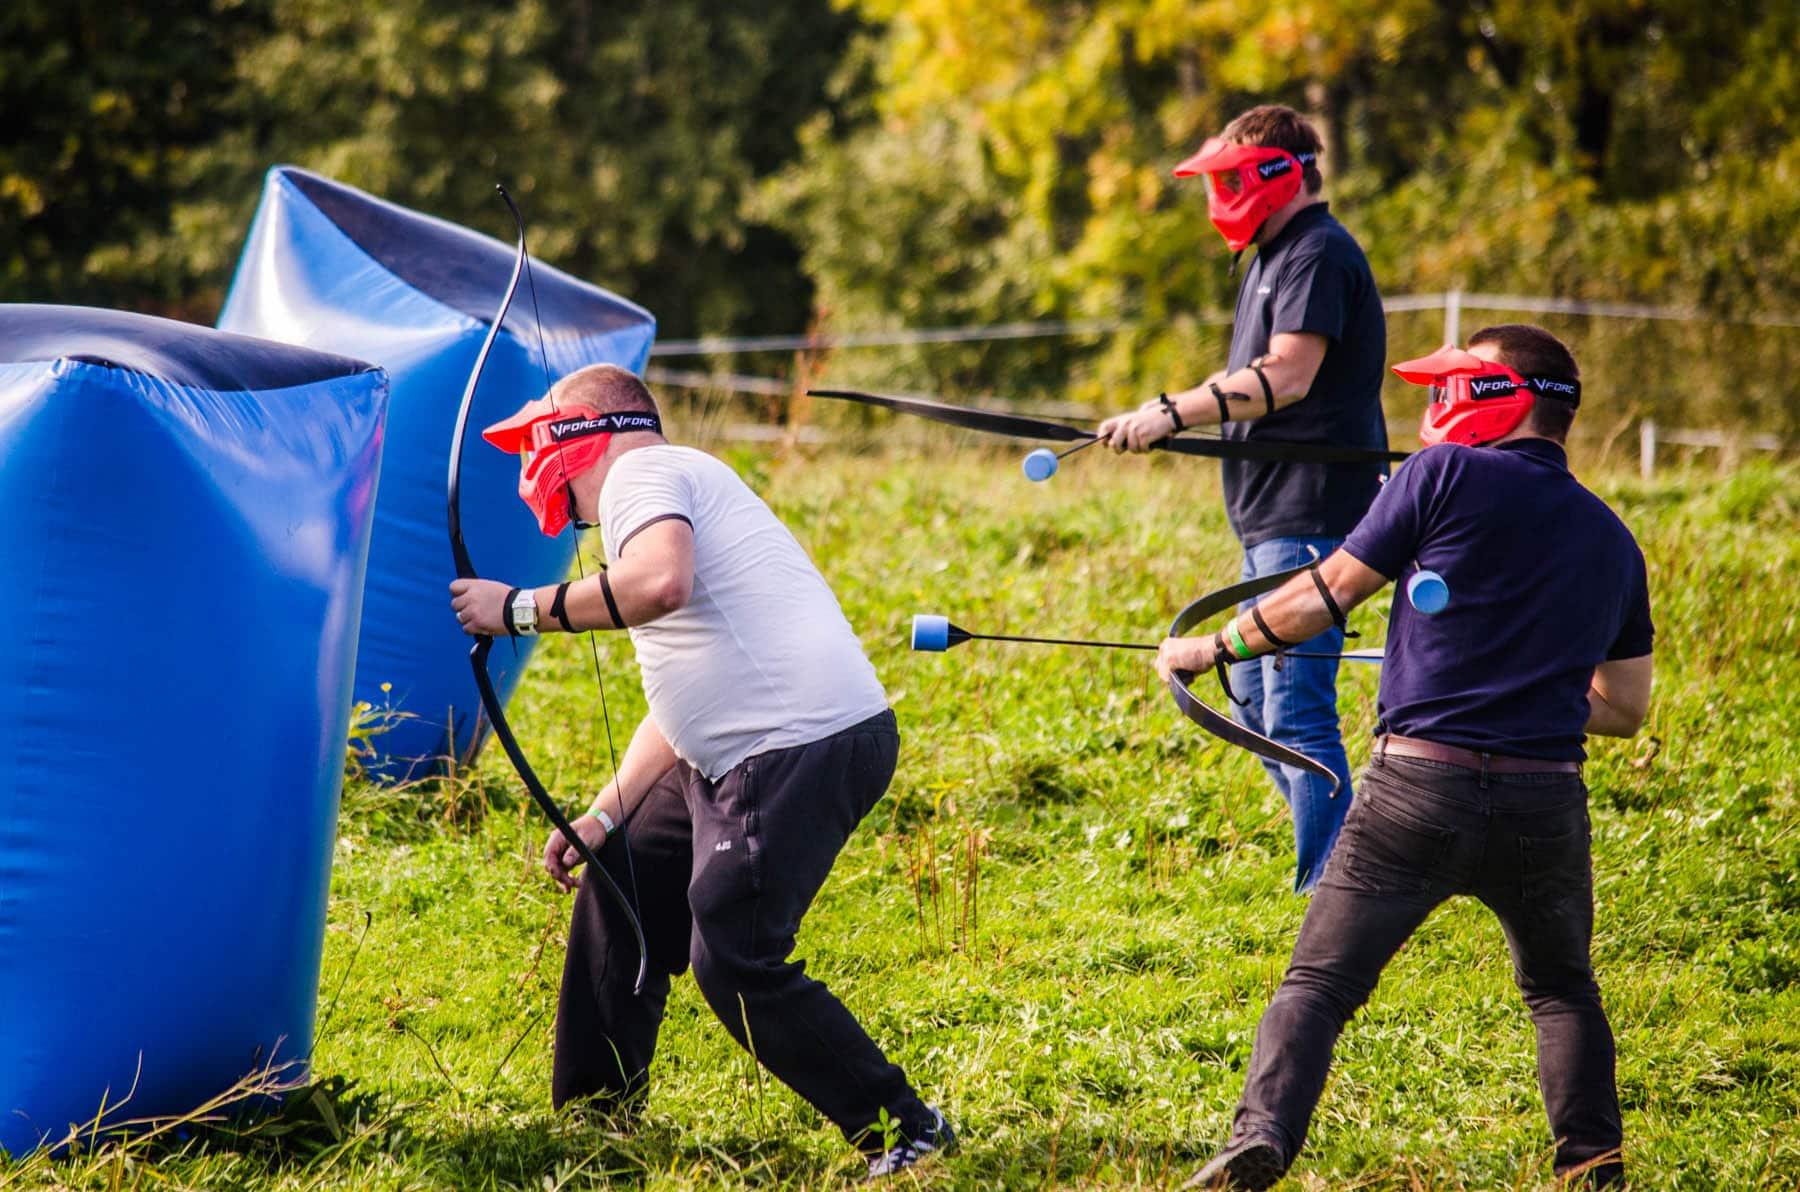 Archery tag - bezpiecznie łucznictwo!